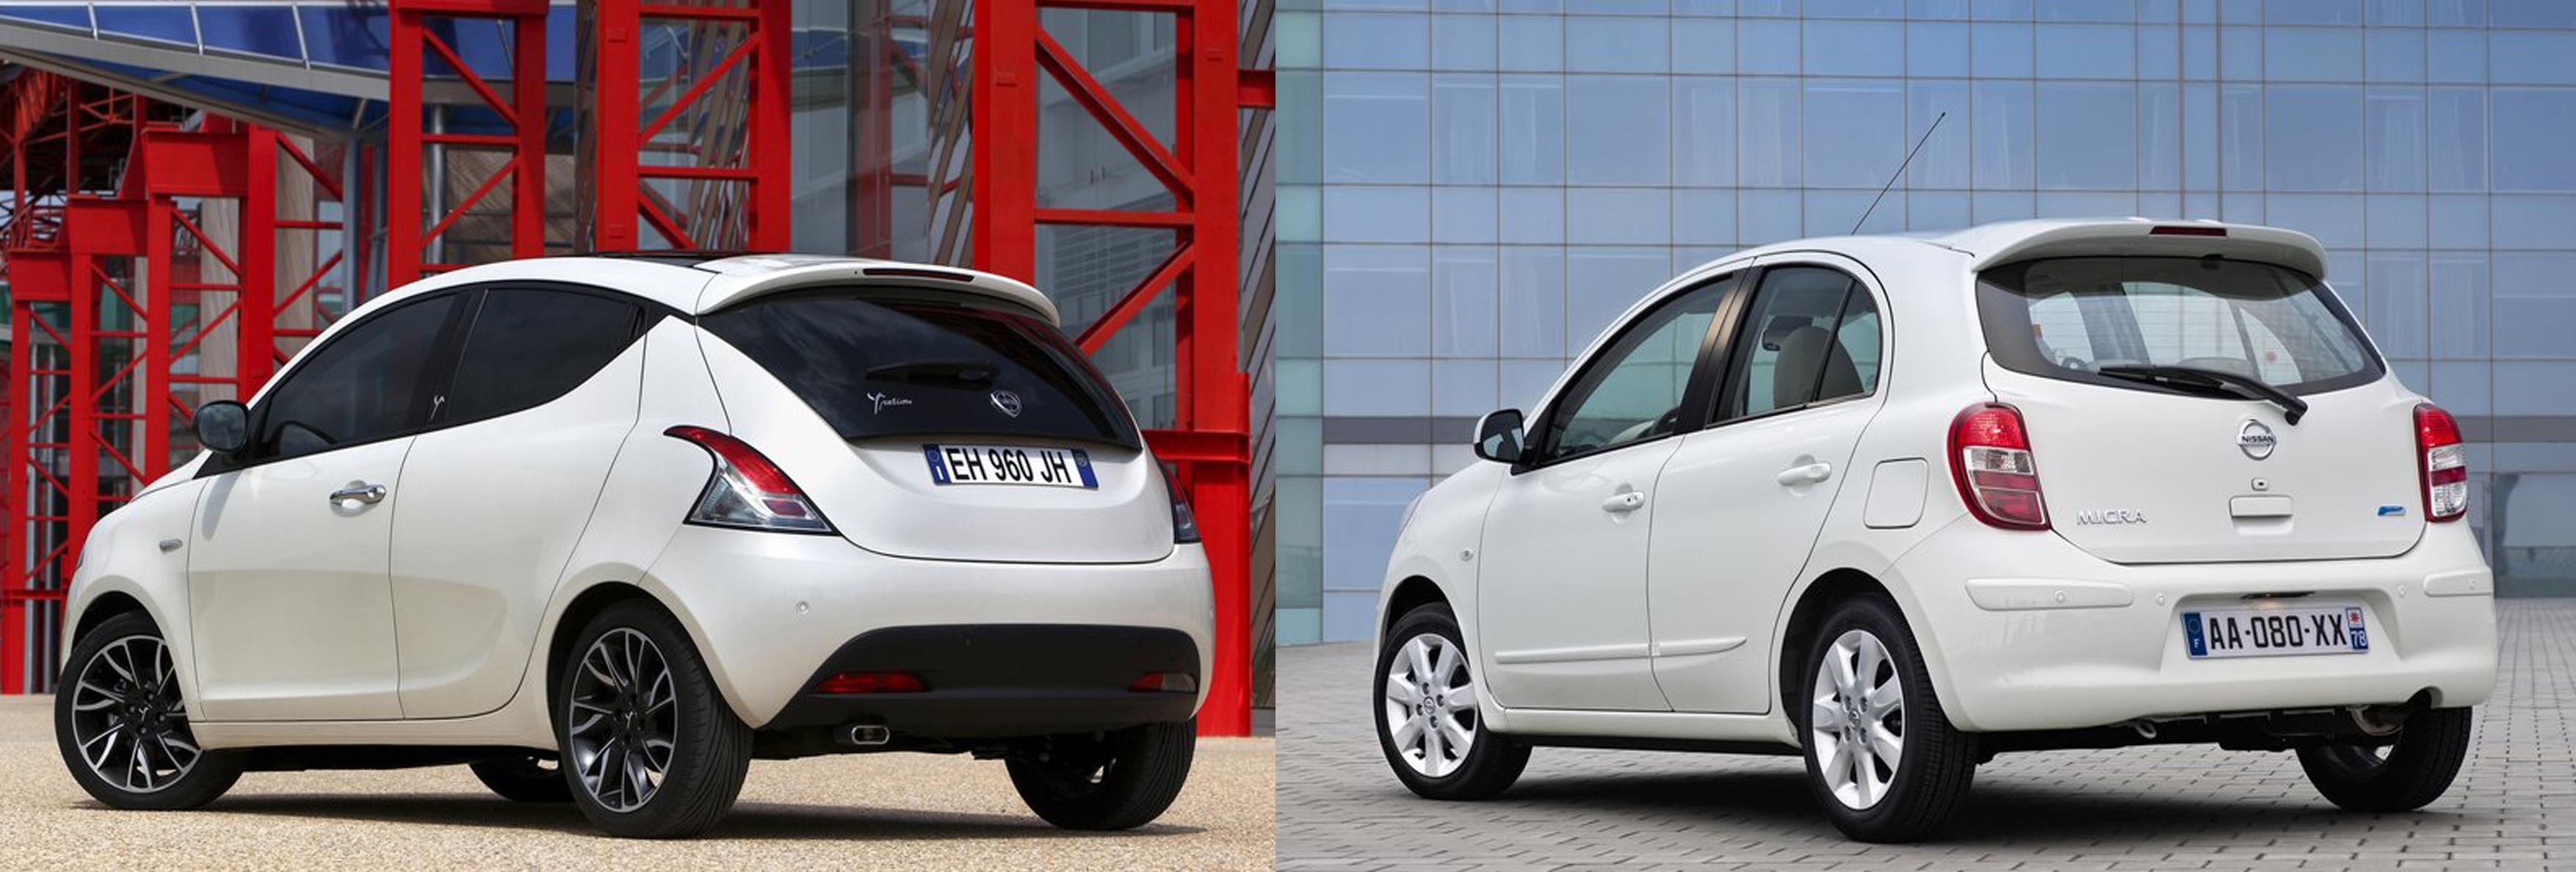 Lancia Ypsilon Or Nissan Micra Fiat Group S World